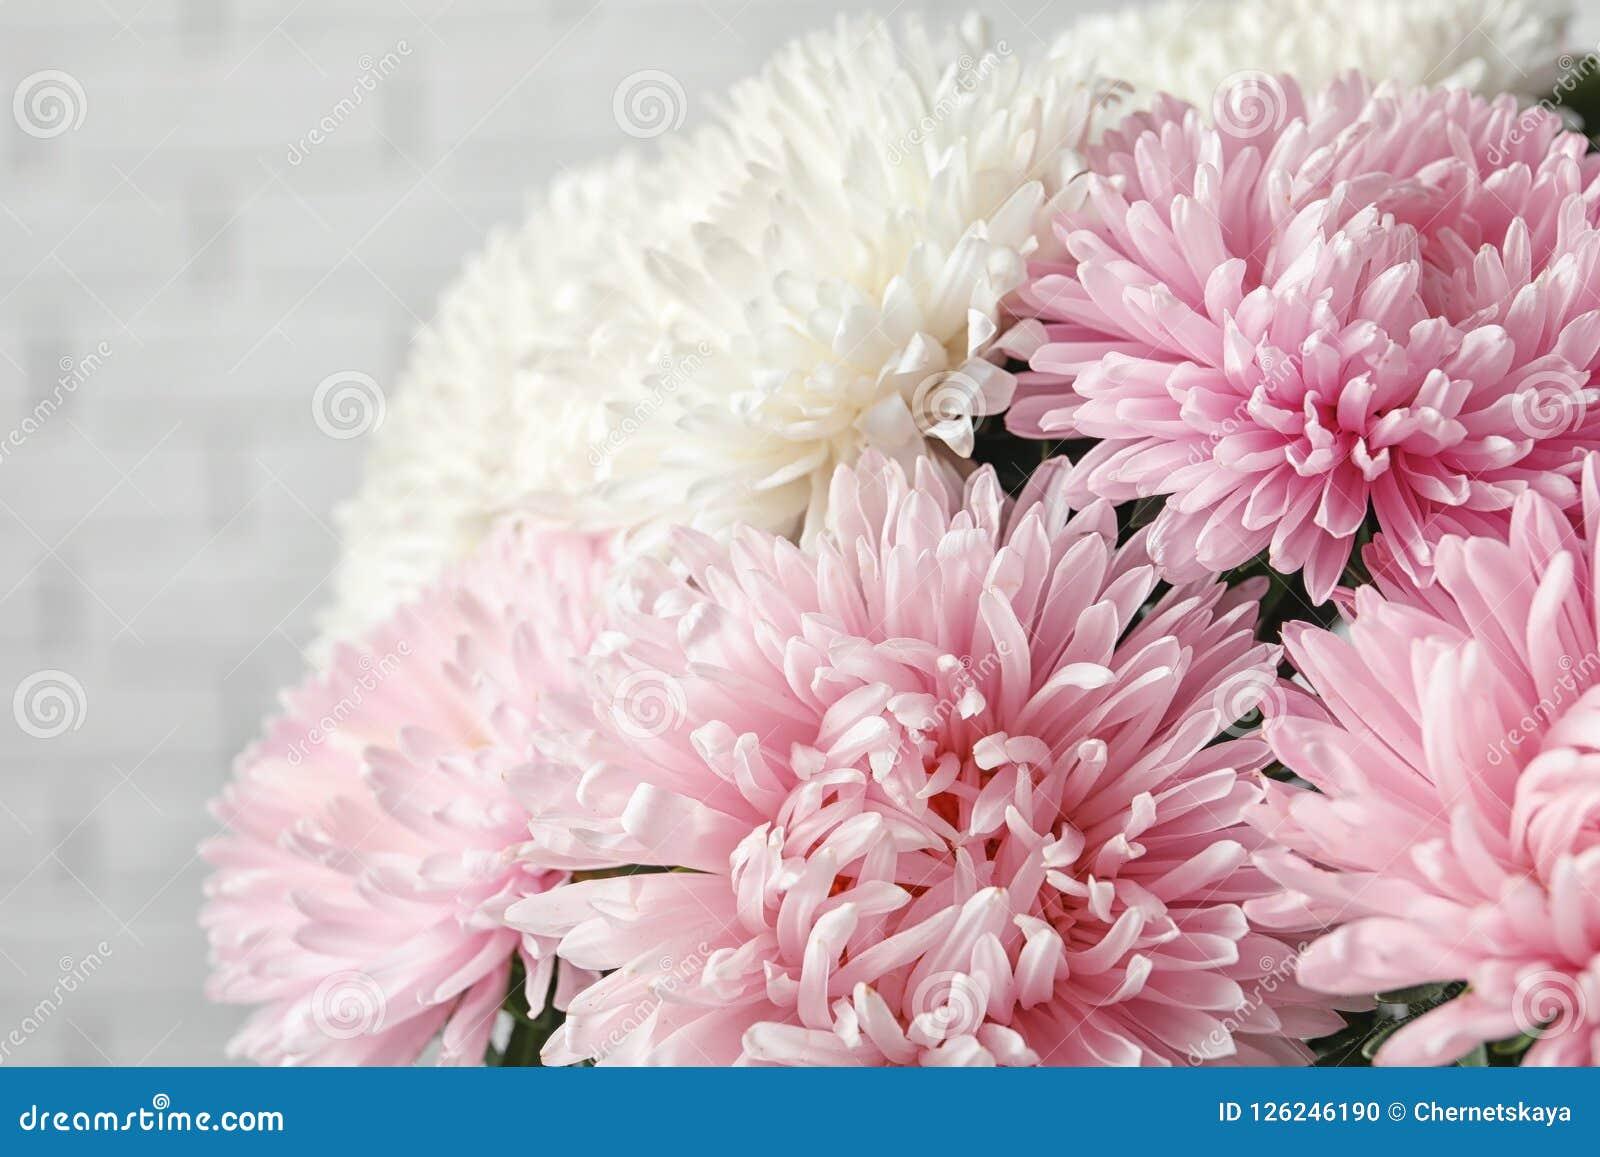 Beautiful aster flower bouquet near brick wall